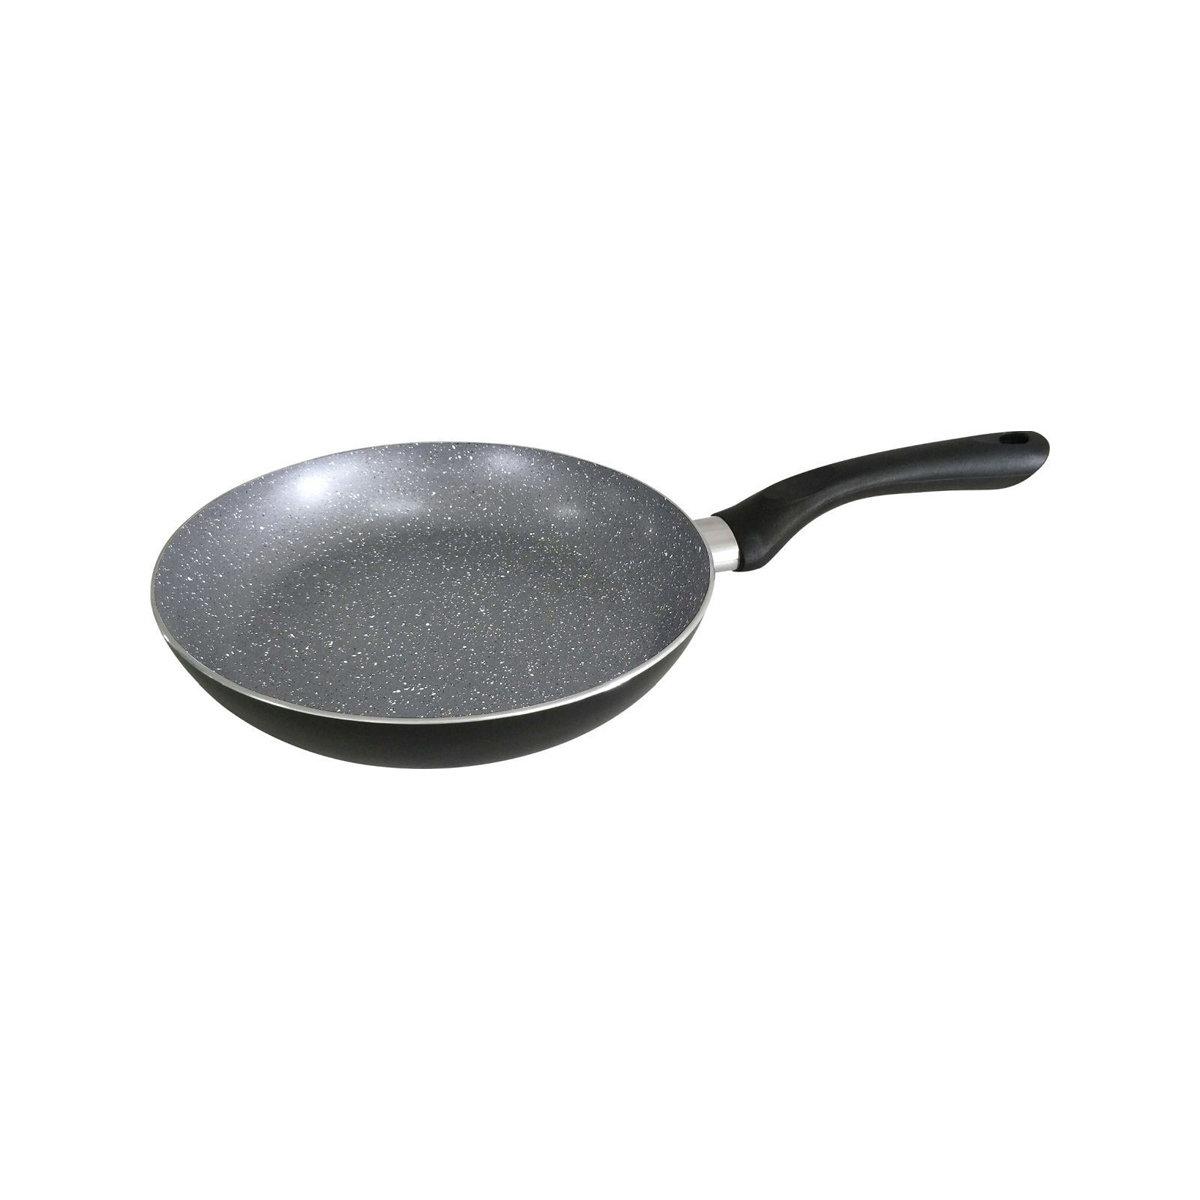 Сковорода с антипригарным покрытием SSW CHEF PLUS 28 см